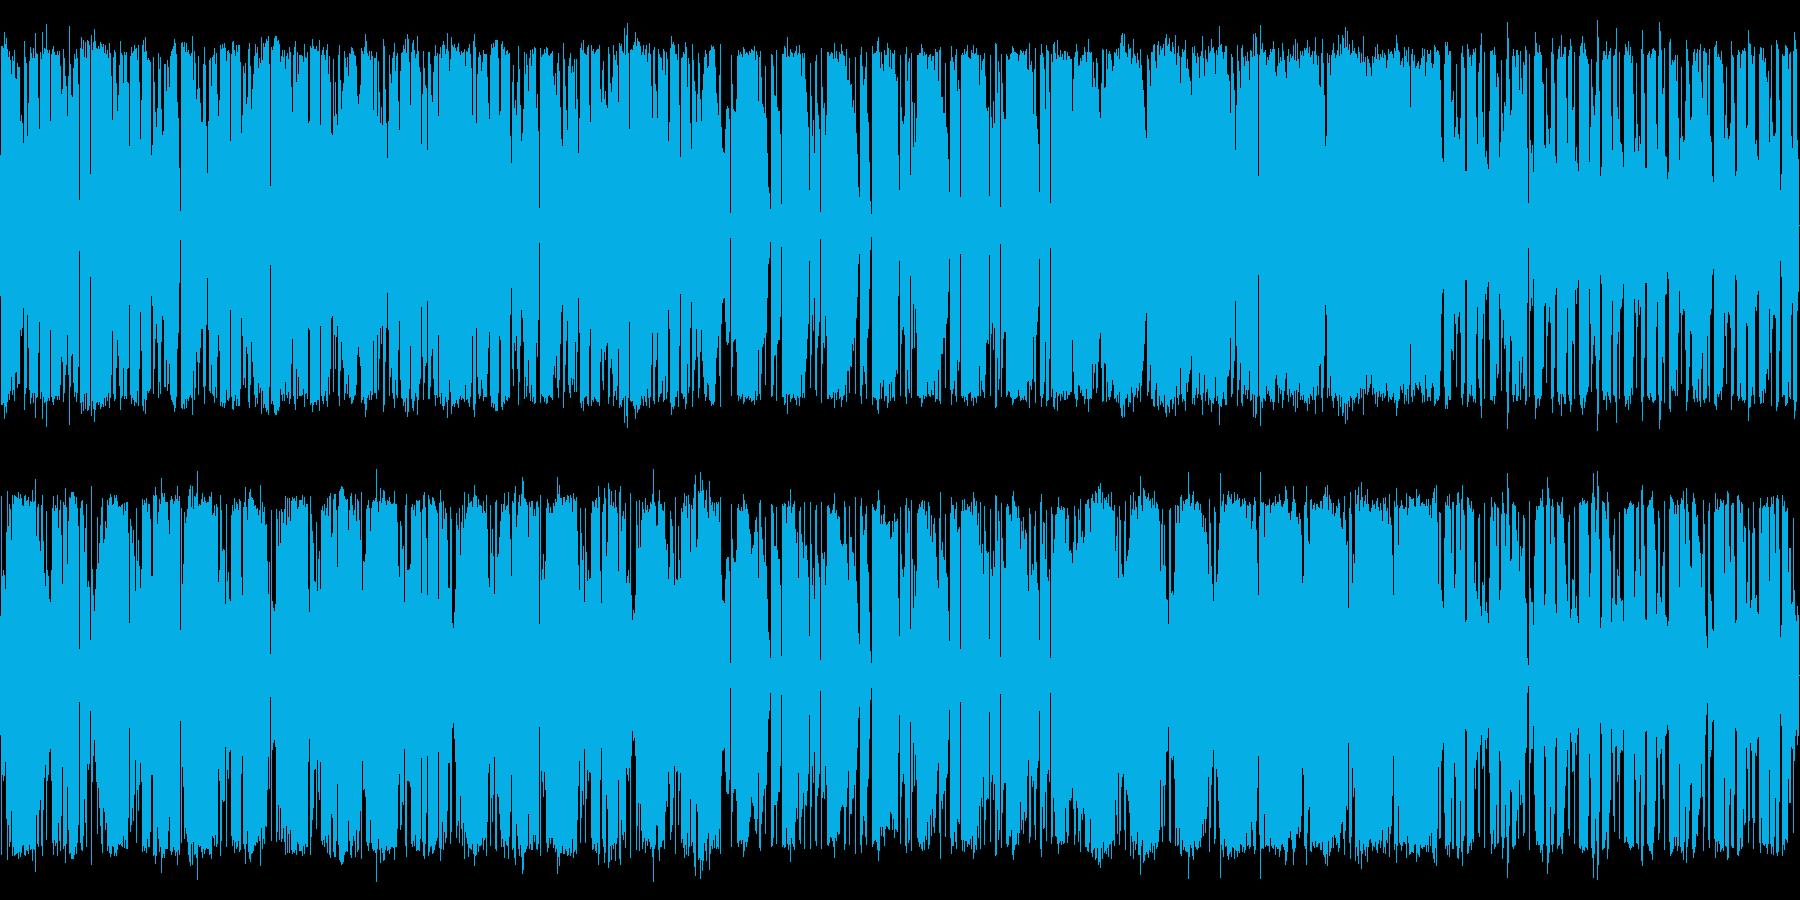 EDMっぽいメニュー画面の再生済みの波形